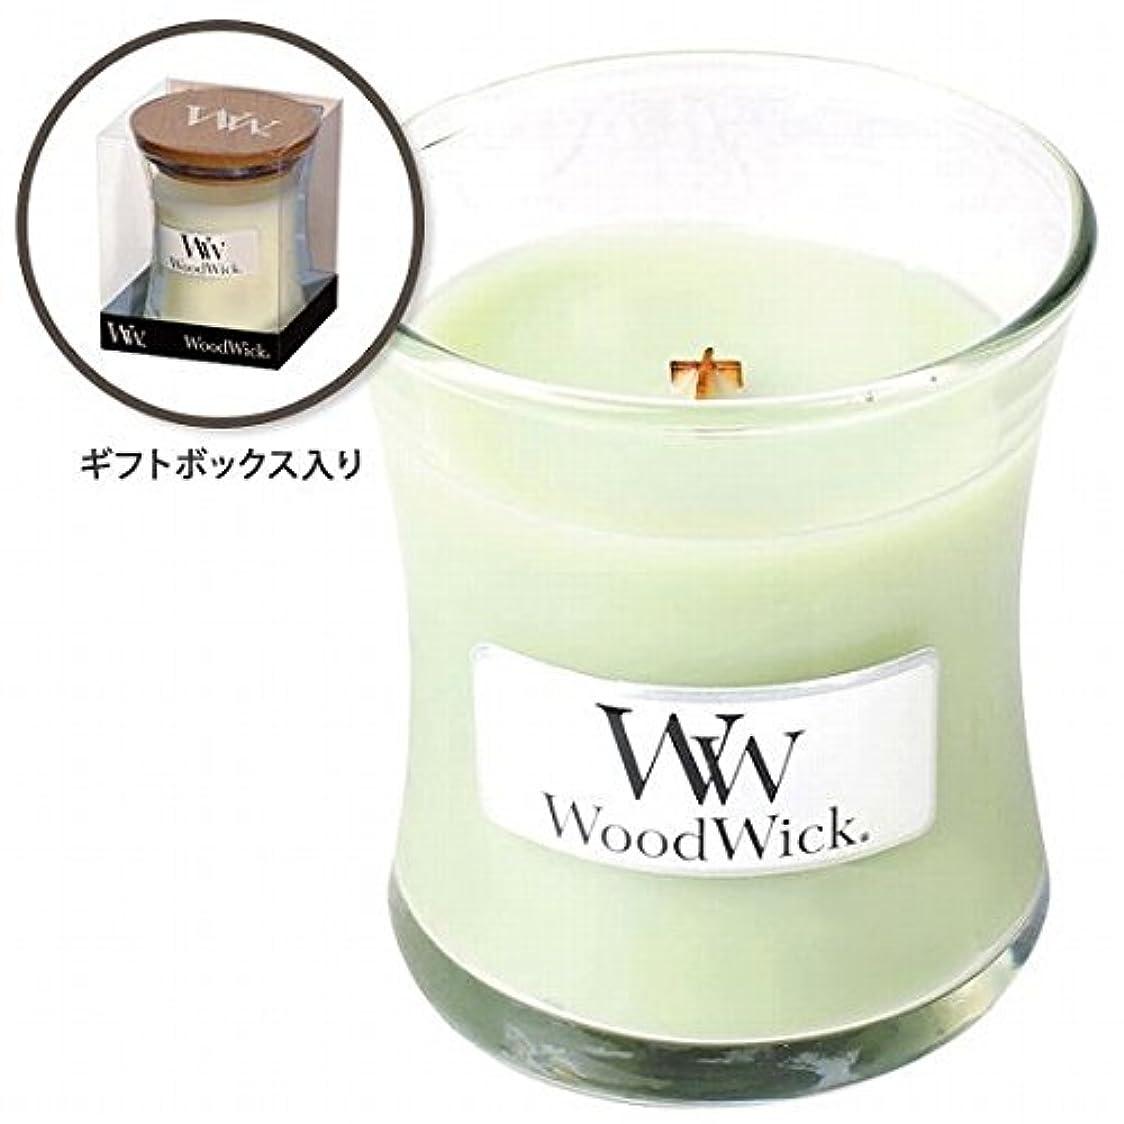 浸すエステート犯罪WoodWick(ウッドウィック) Wood WickジャーS 「ライムジェラート」(W9000561)